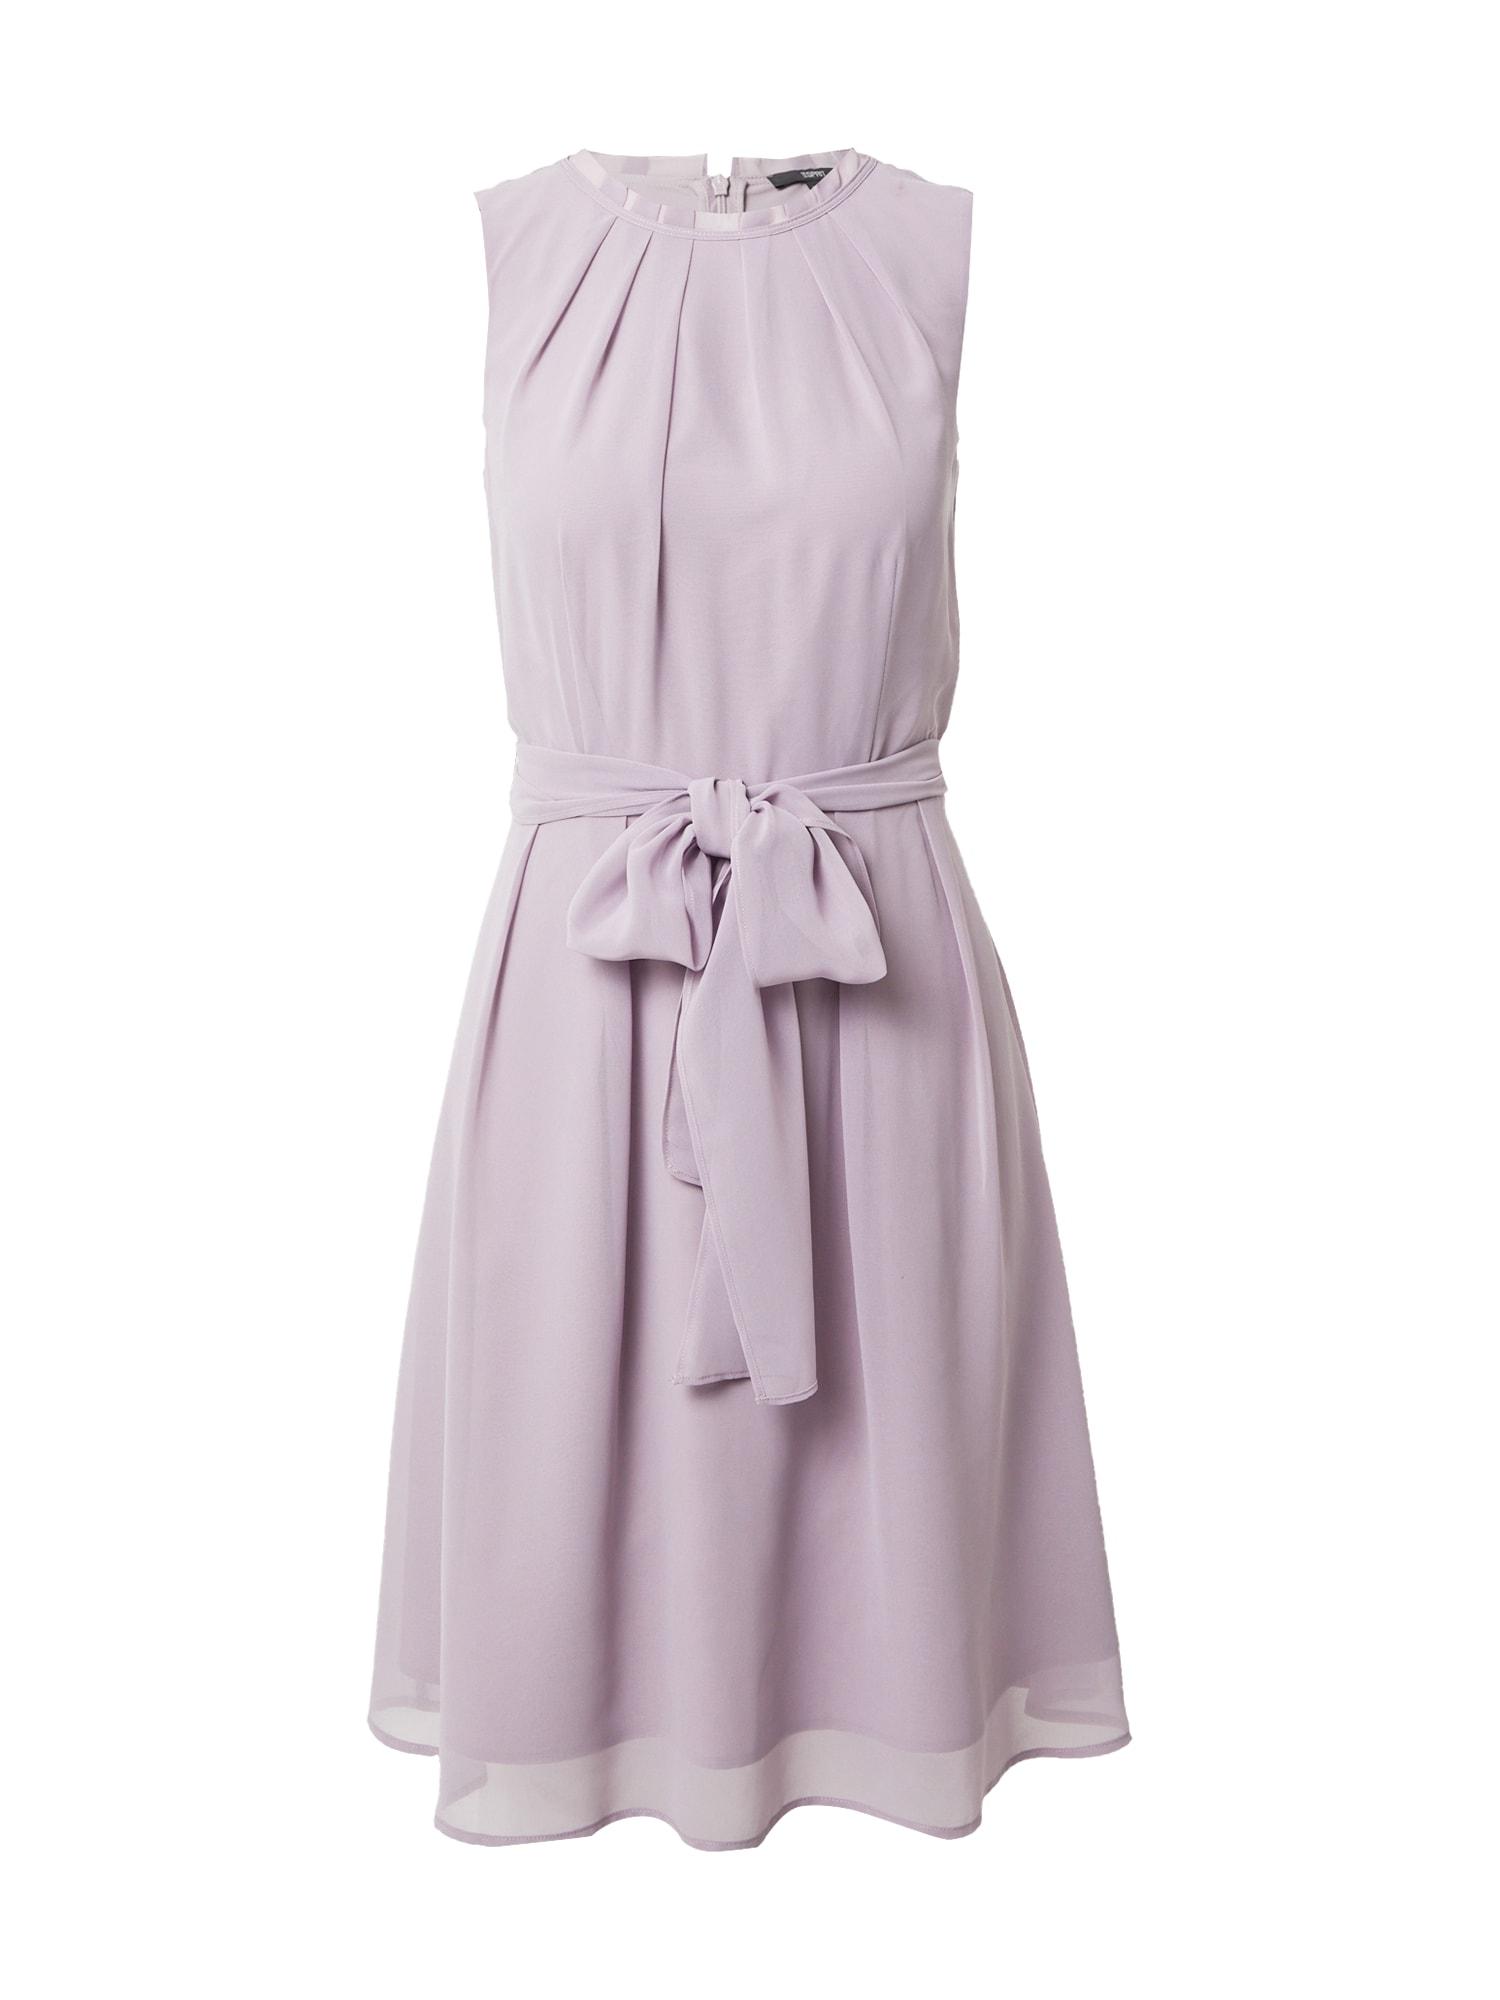 Esprit Collection Kokteilinė suknelė rausvai violetinė spalva